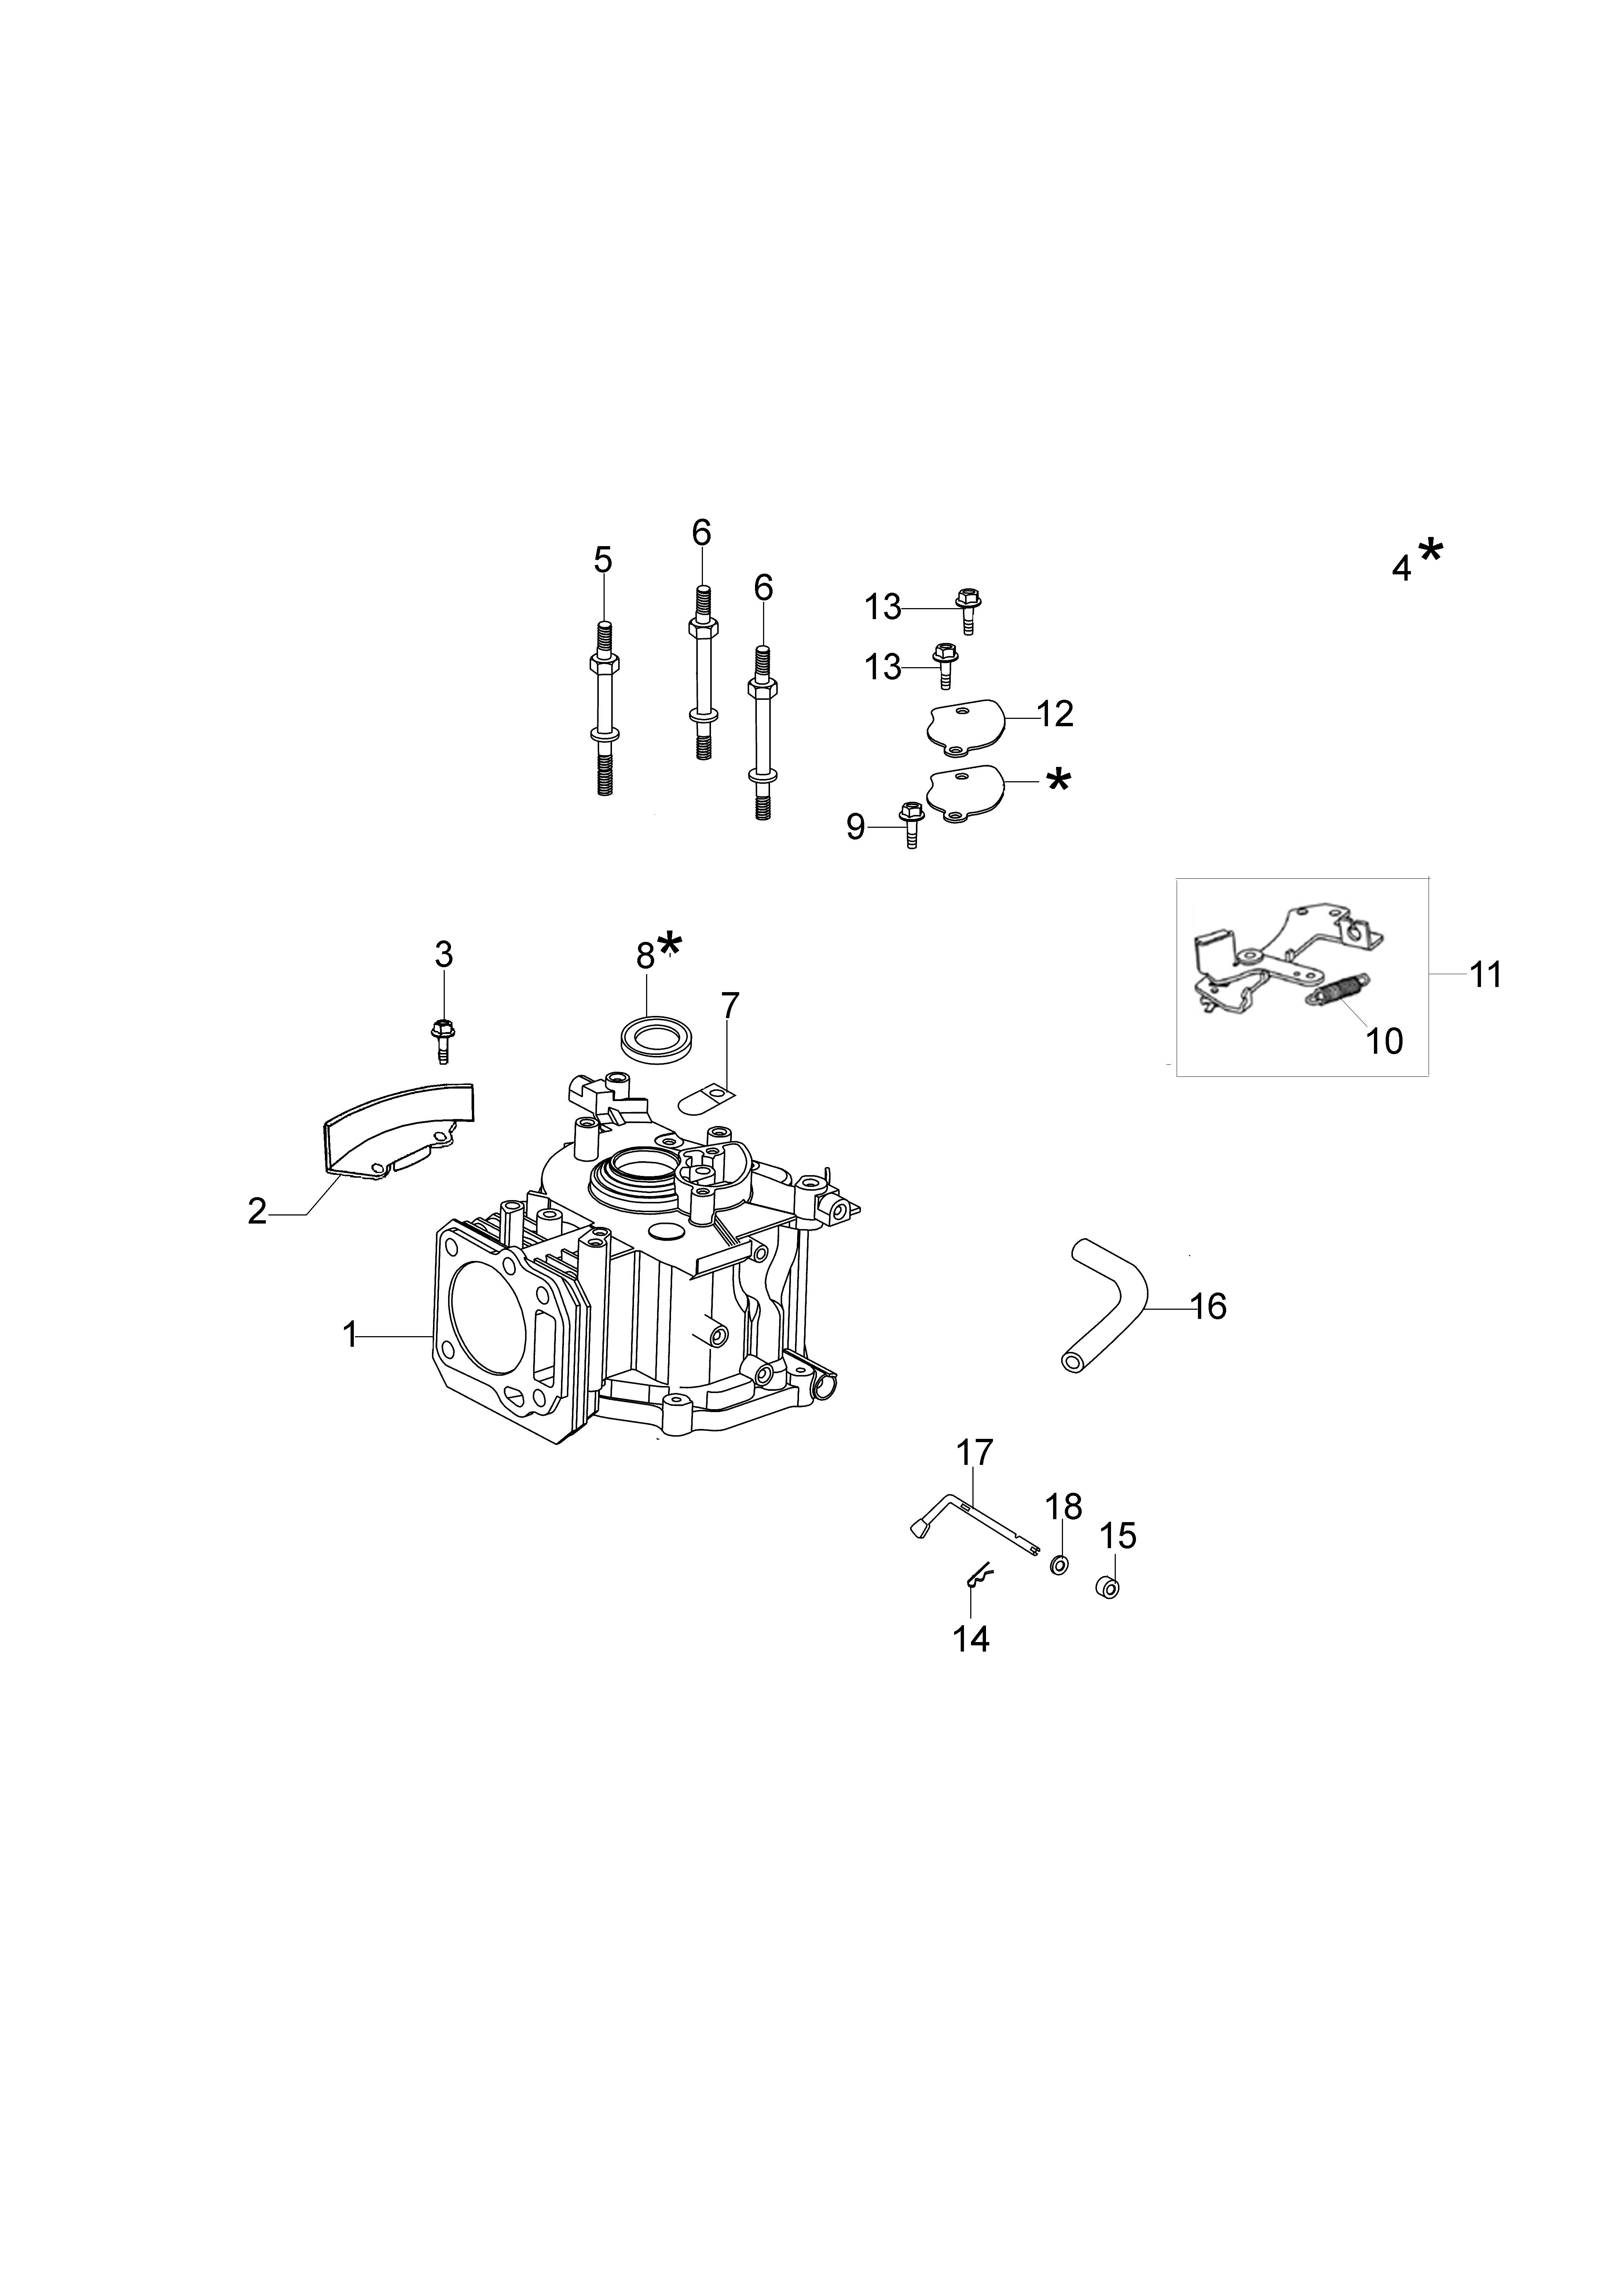 MOTEUR K600 emak vue éclatée Dessins pièces - Cylindre et soubassement